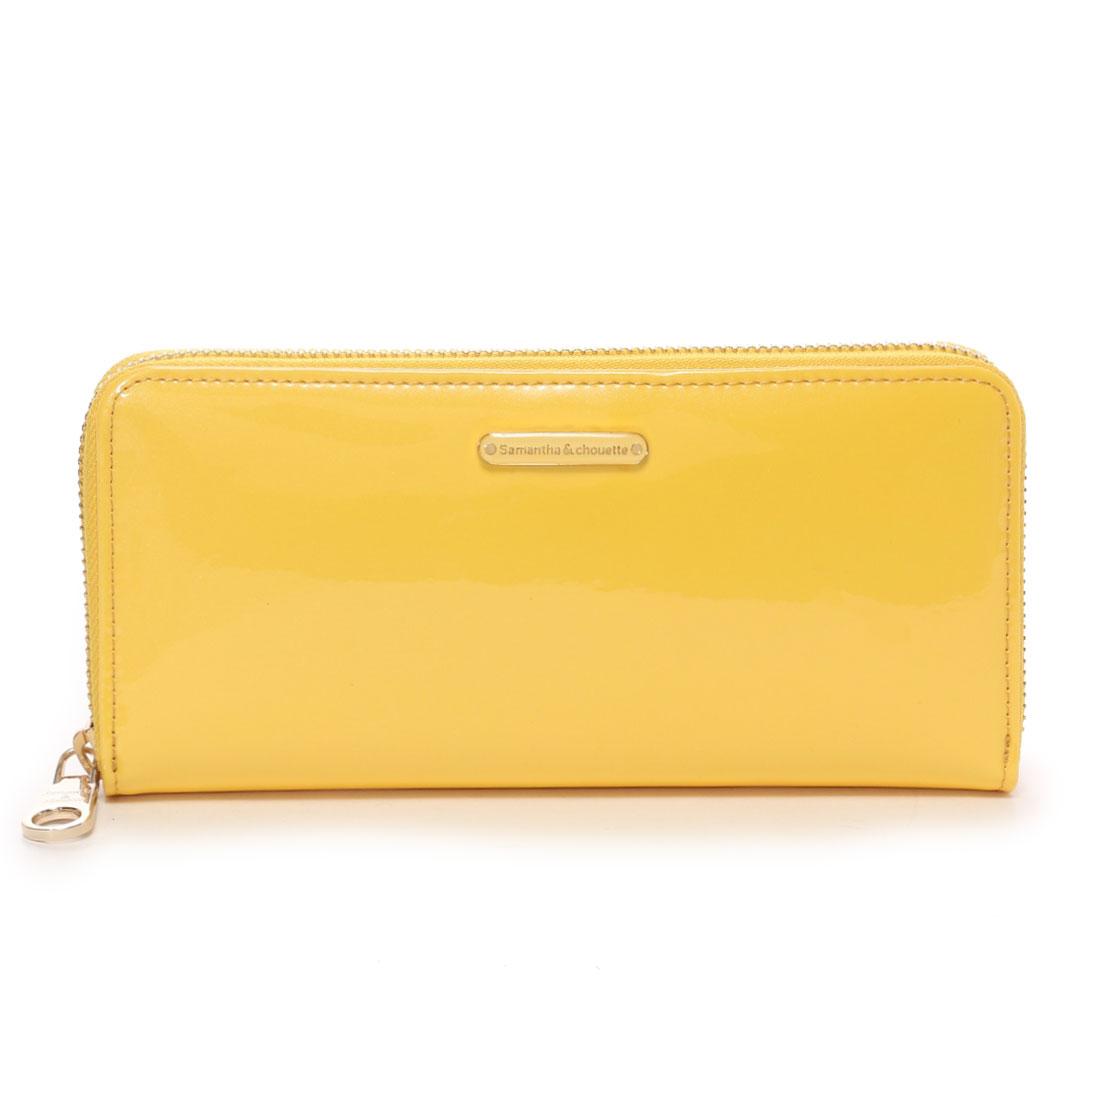 トレンドカラーでもある明るい黄色のお財布は金運もUPするかも?のサムネイル画像